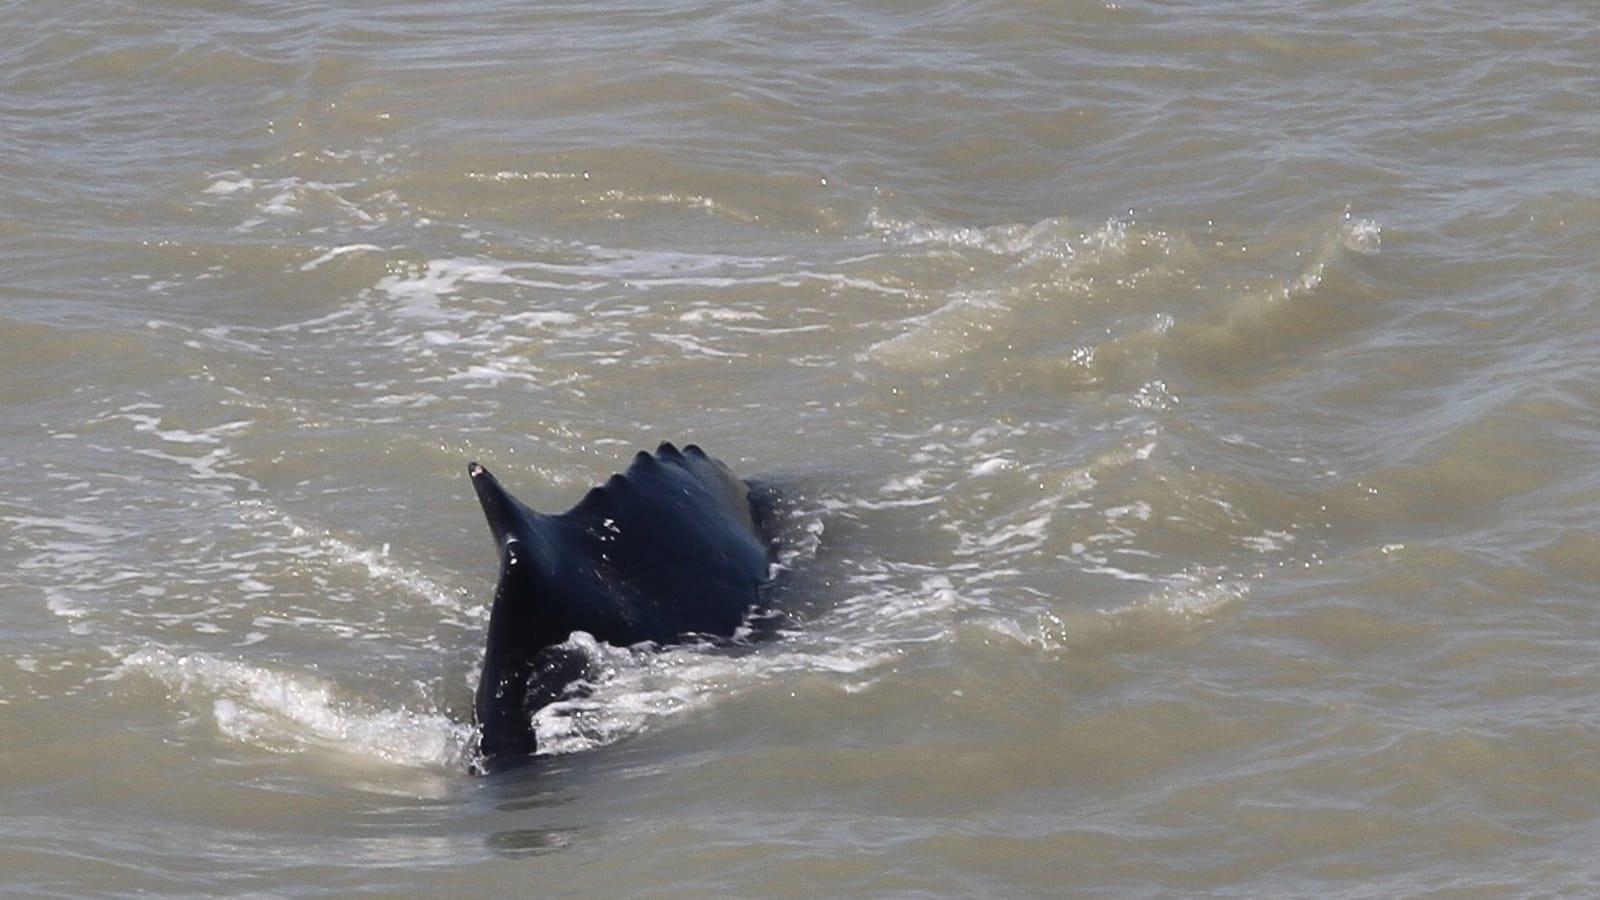 شاهد ما حدث لحوت ضخم علق في نهر مليء بالتماسيح في أستراليا